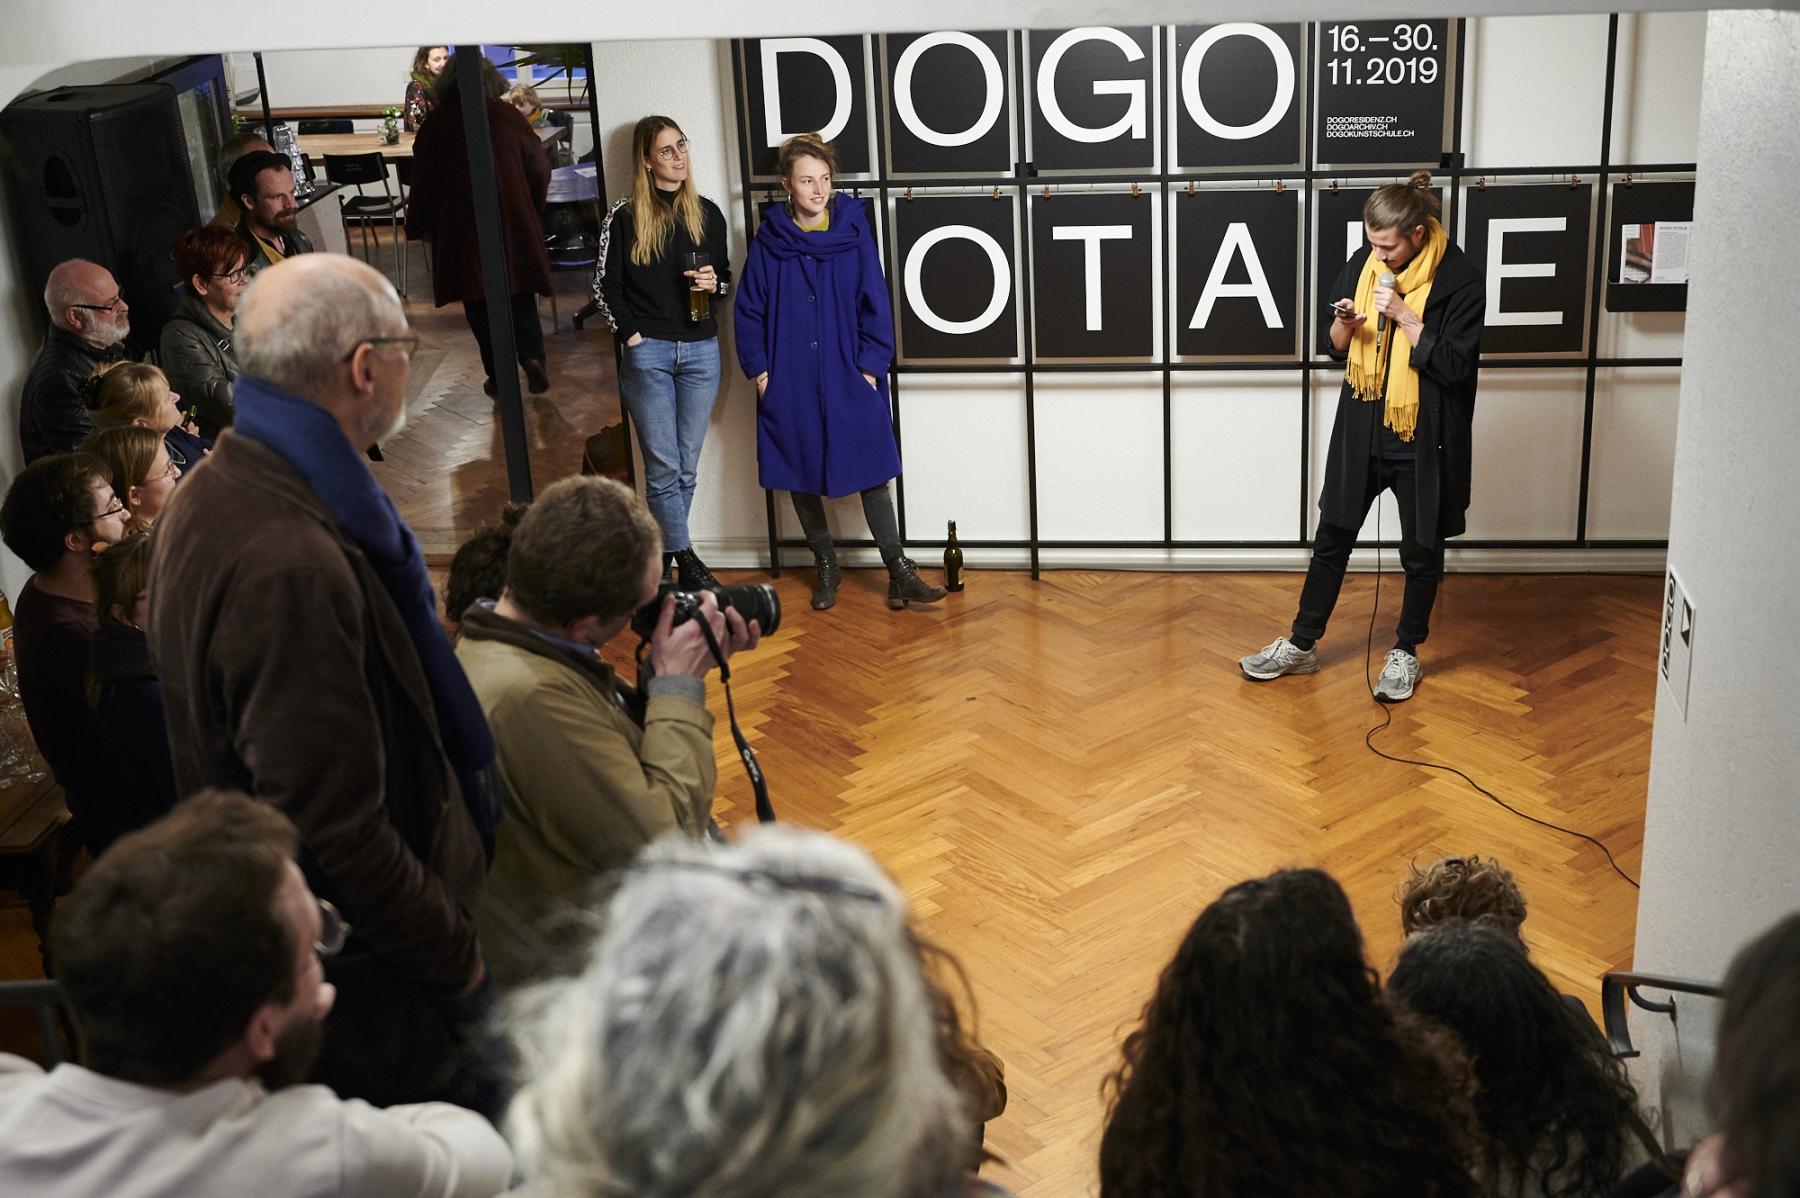 Dogo Totale Eröffnung